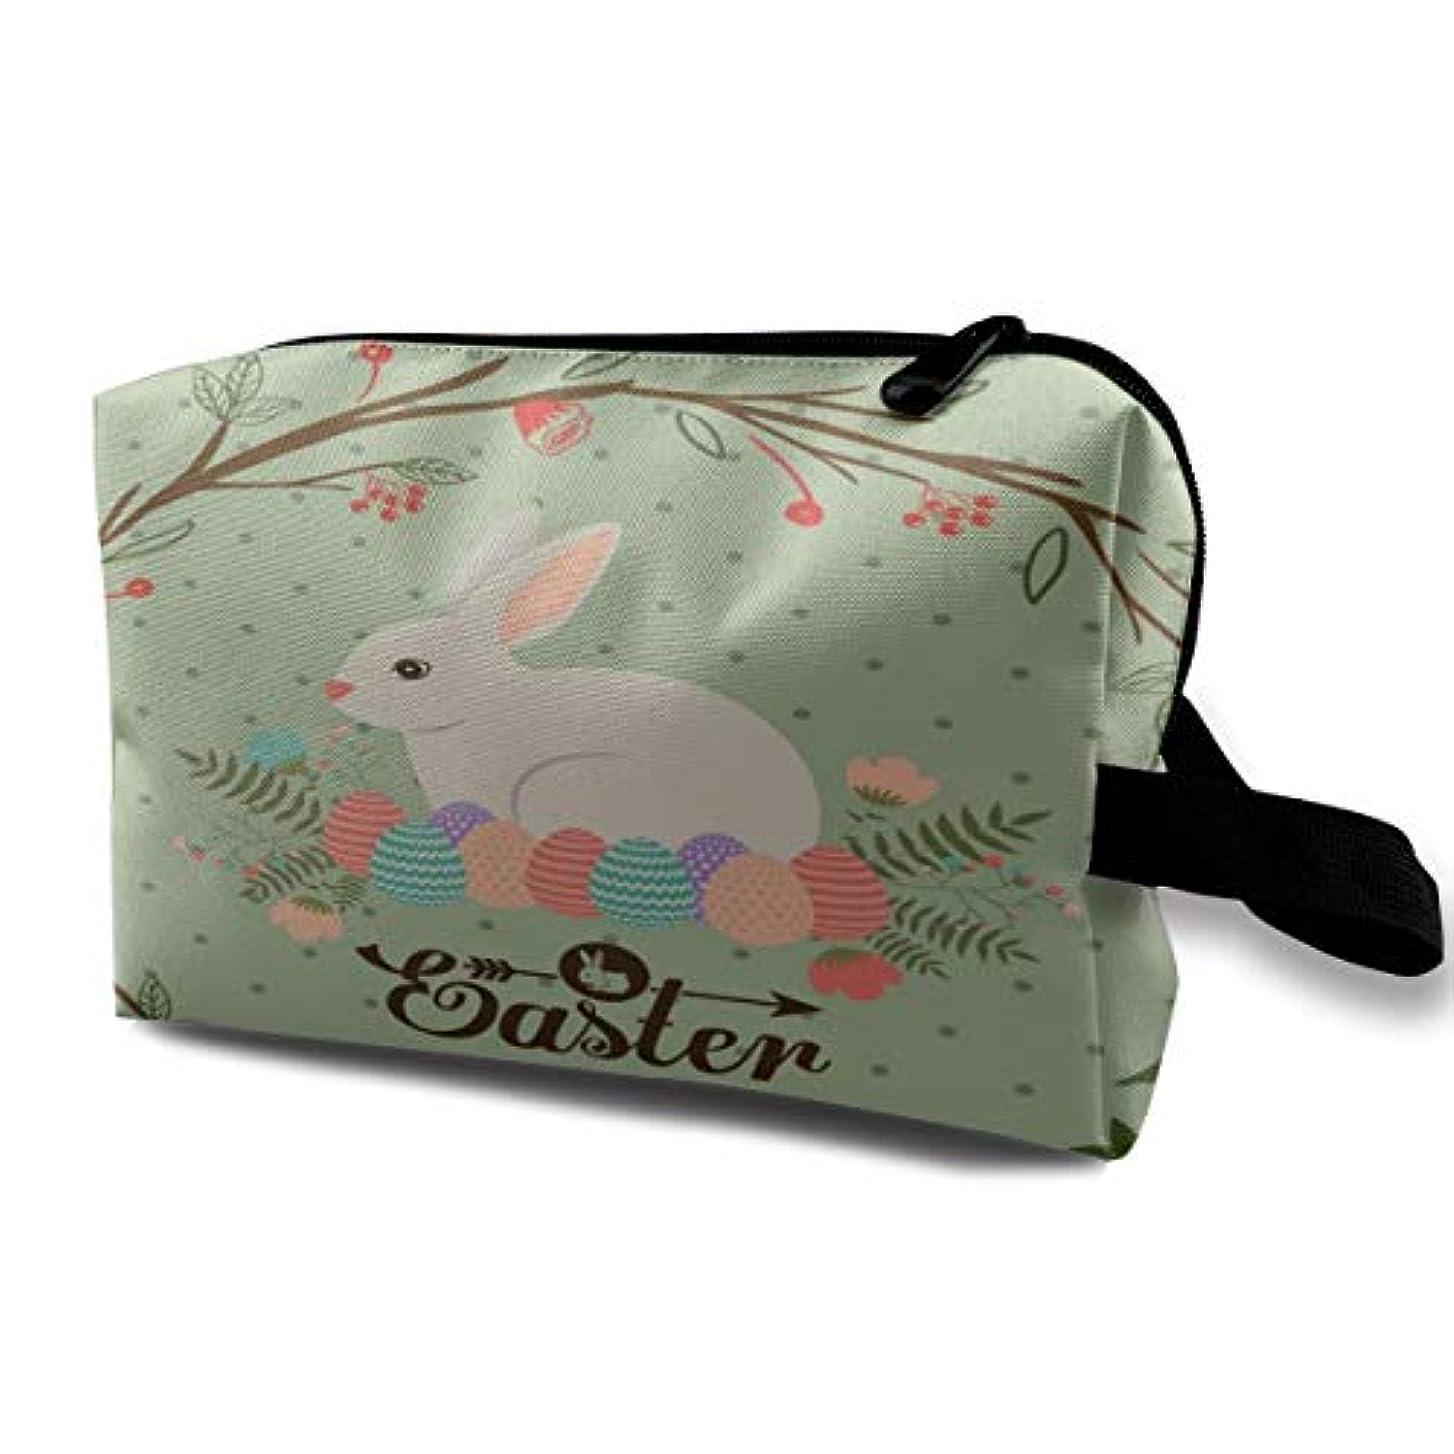 以内にペイン増加するEaster Bunny Rabbit Colorful Eggs 収納ポーチ 化粧ポーチ 大容量 軽量 耐久性 ハンドル付持ち運び便利。入れ 自宅?出張?旅行?アウトドア撮影などに対応。メンズ レディース トラベルグッズ